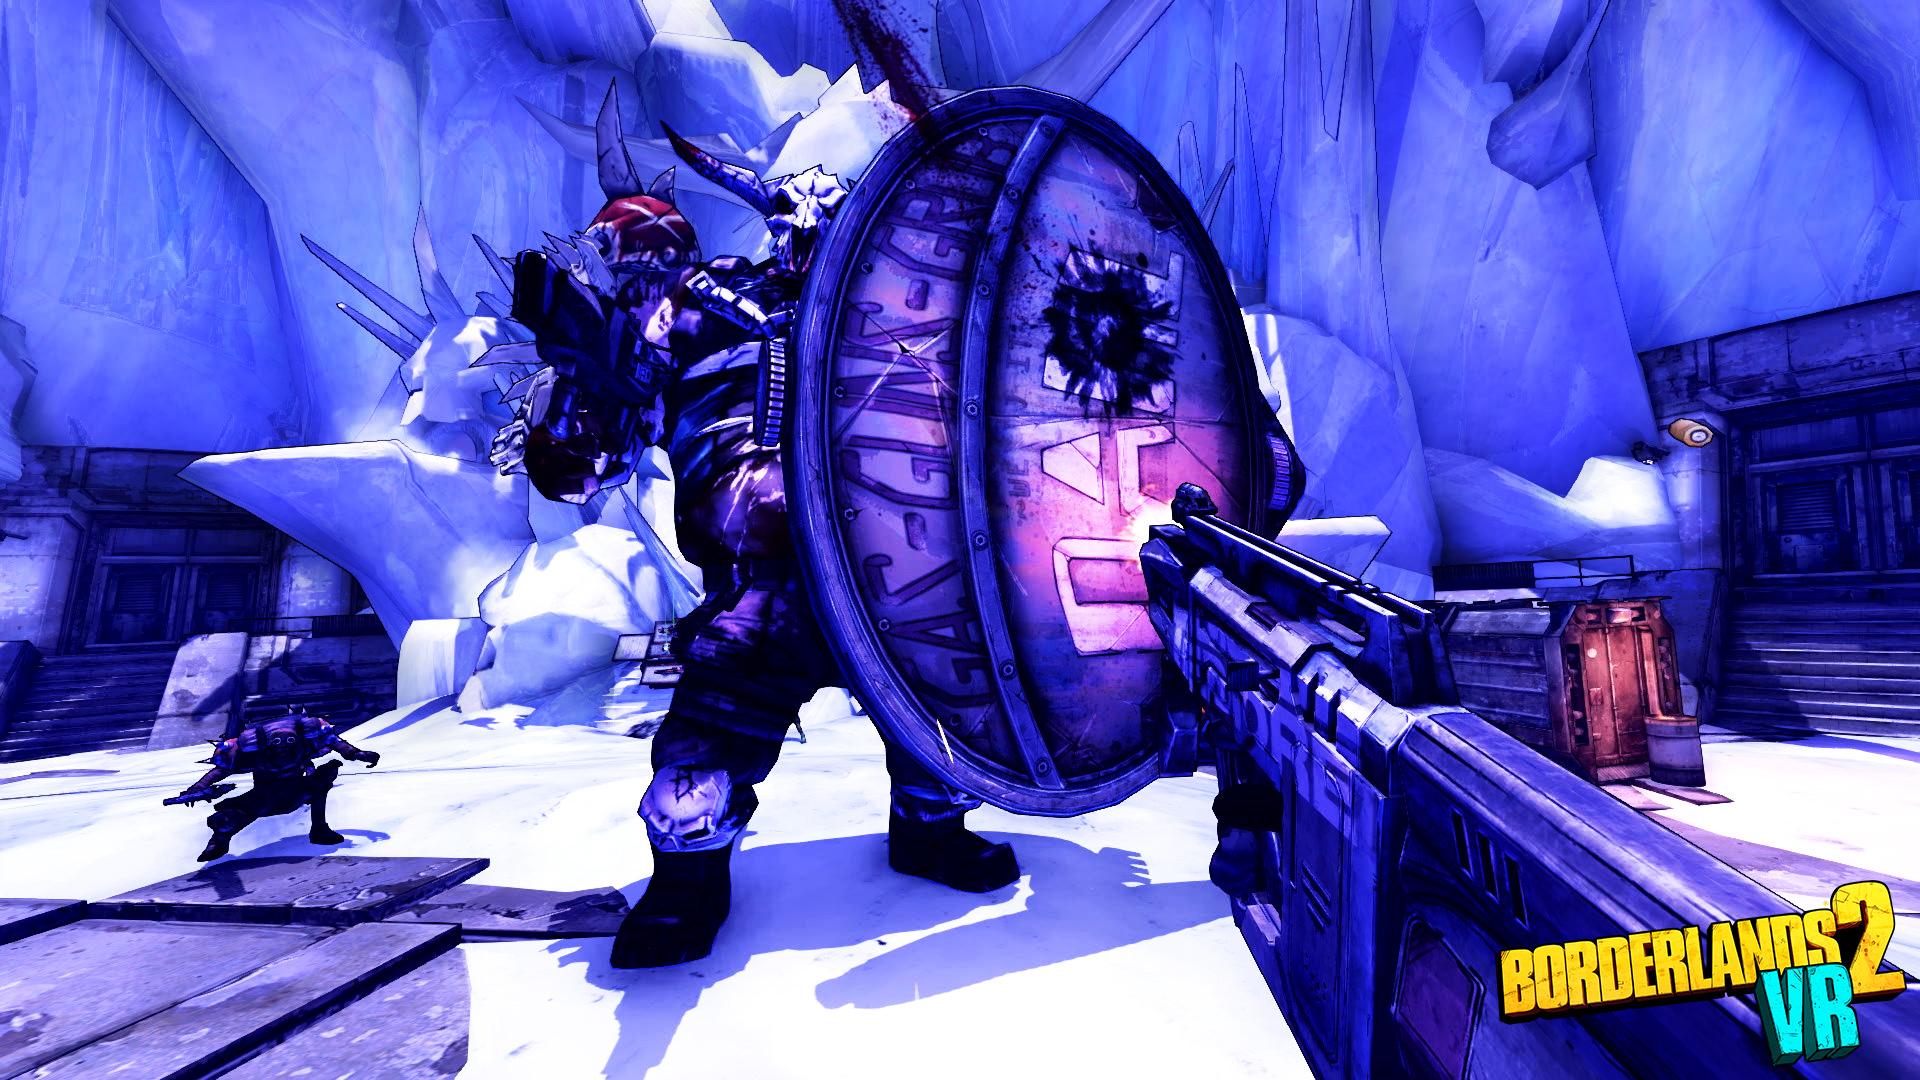 Wer anfällig für die VR-Krankheit ist, der bewegt sich nicht flüssig durch die Spielwelt, sondern teleportiert per Move-Controller von einem Standort zum nächsten.